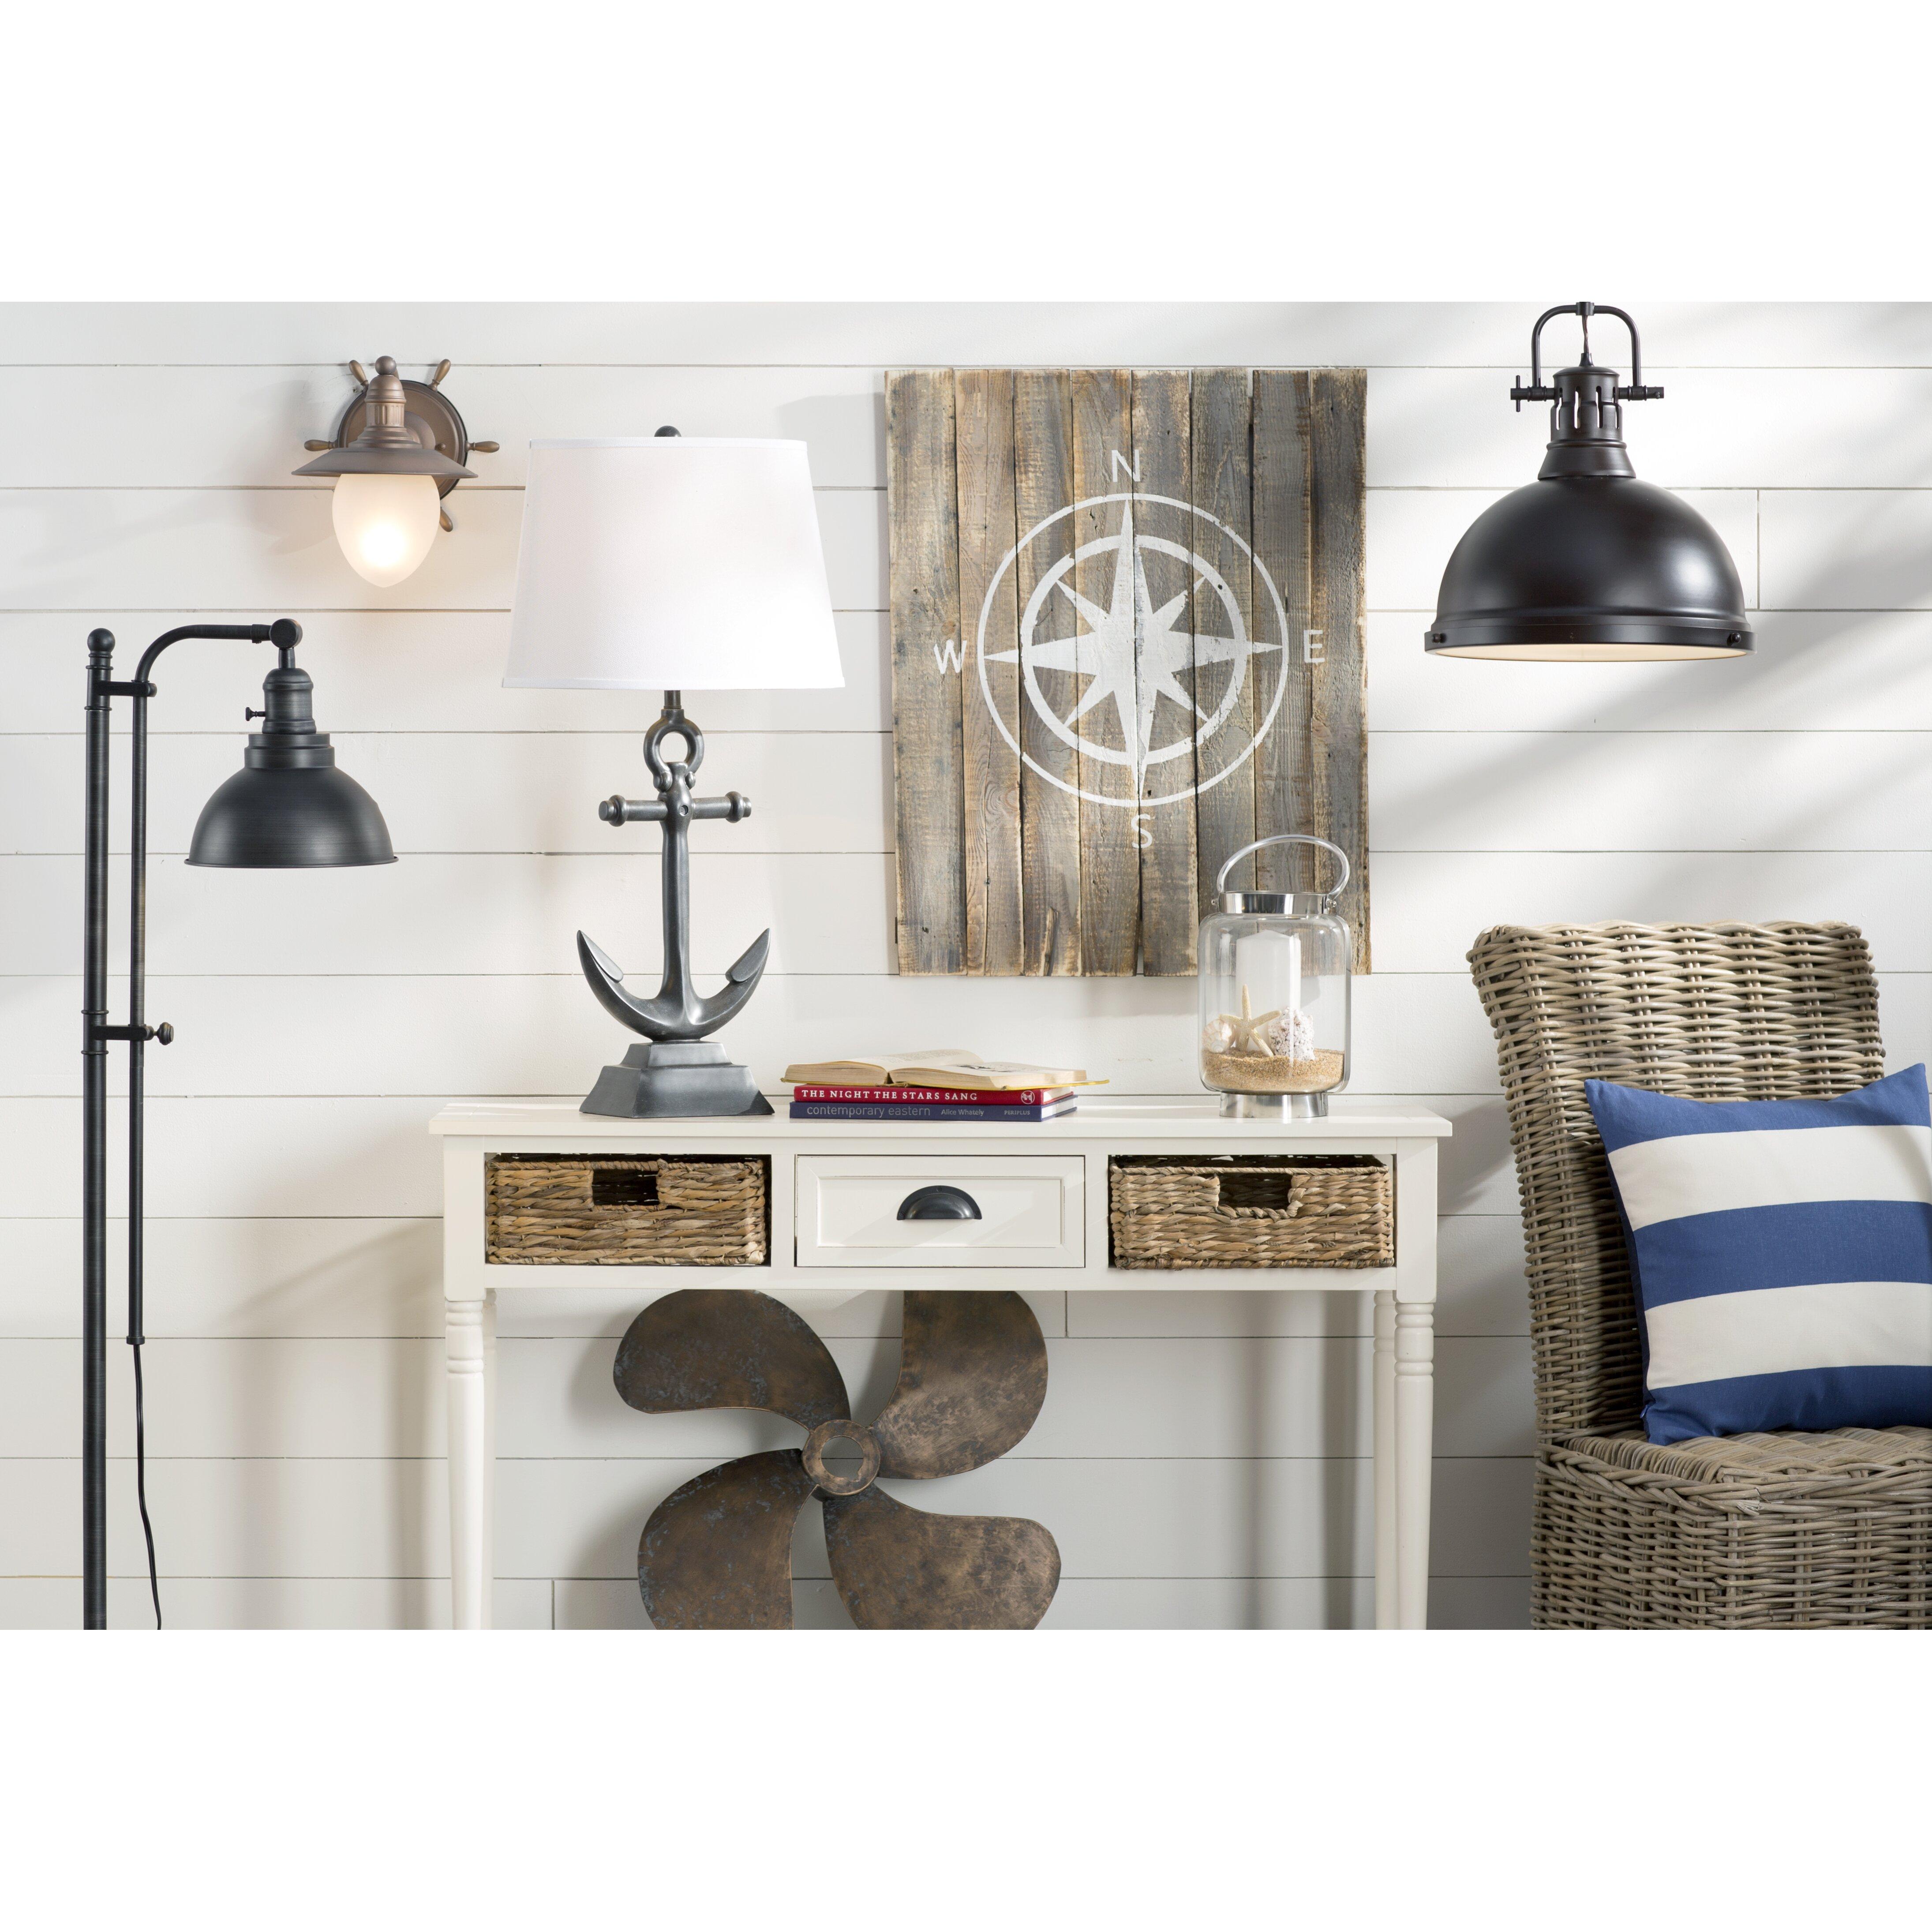 Breakwater Bay Mizzenmast 65 Quot Task Floor Lamp Amp Reviews Wayfair